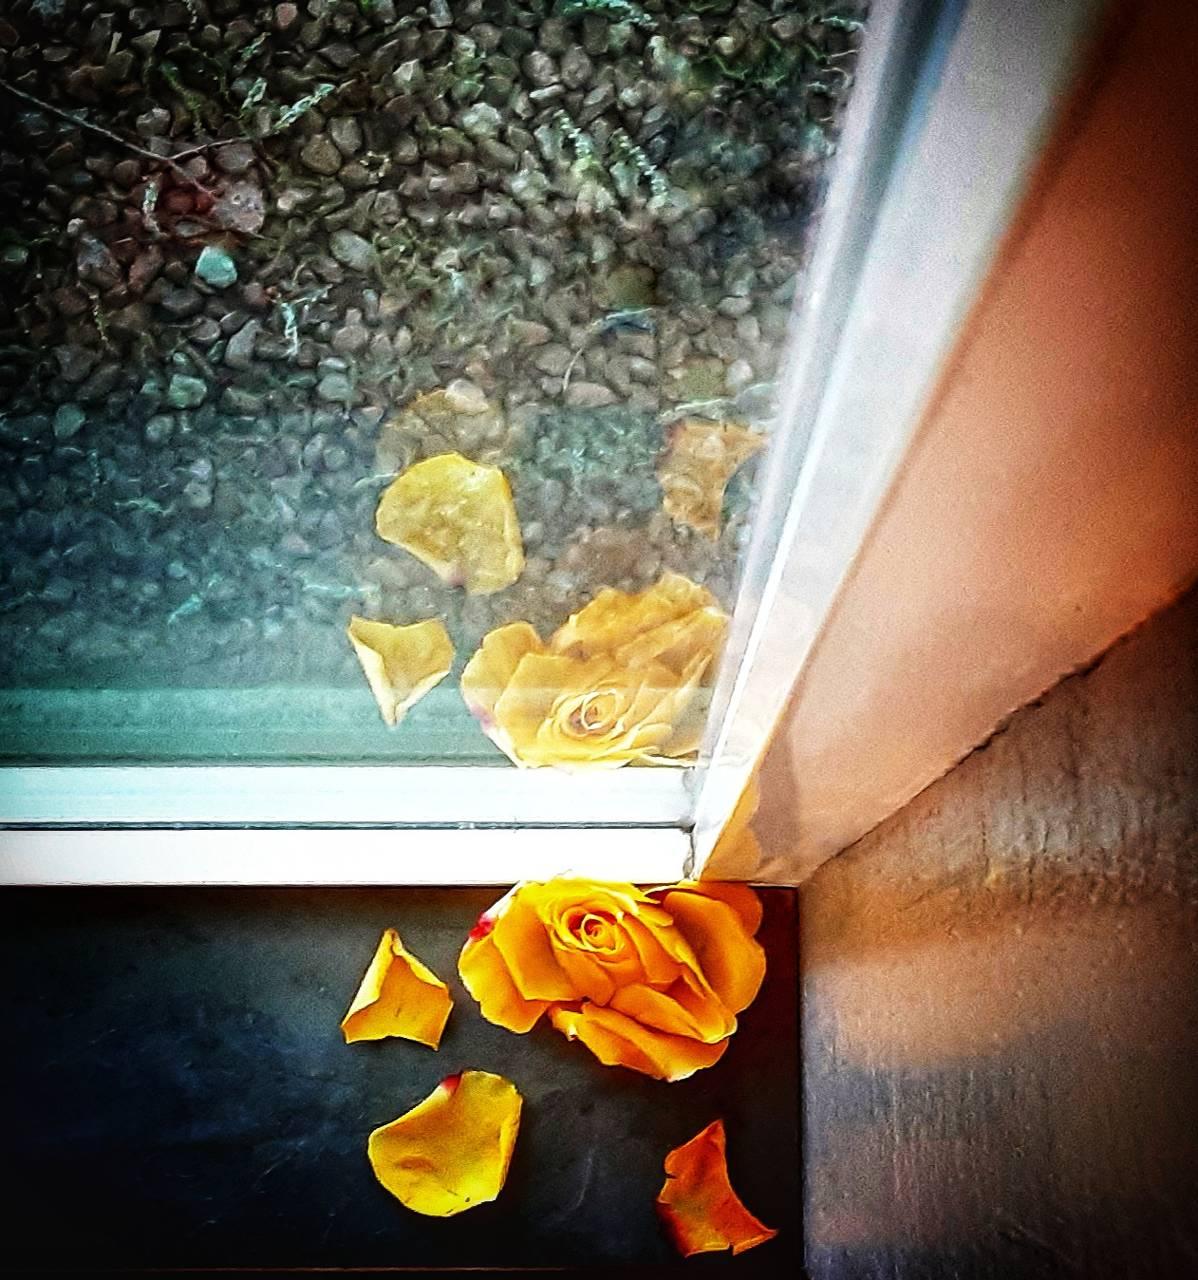 Rose doublganger